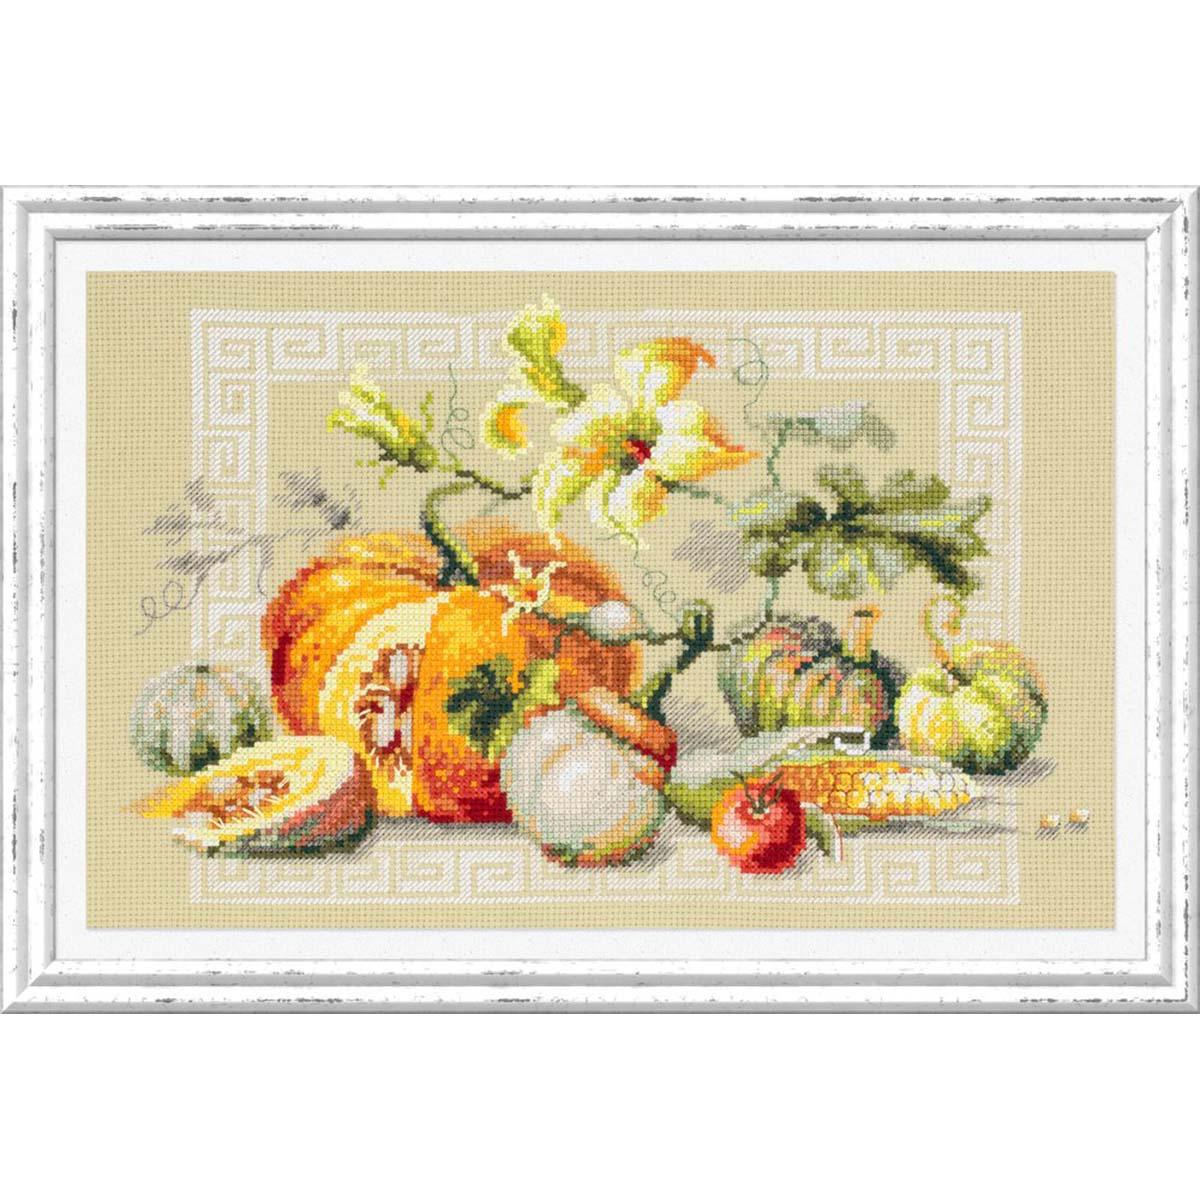 120-111 Набор для вышивания Чудесная игла 'Праздник урожая' 30х20см